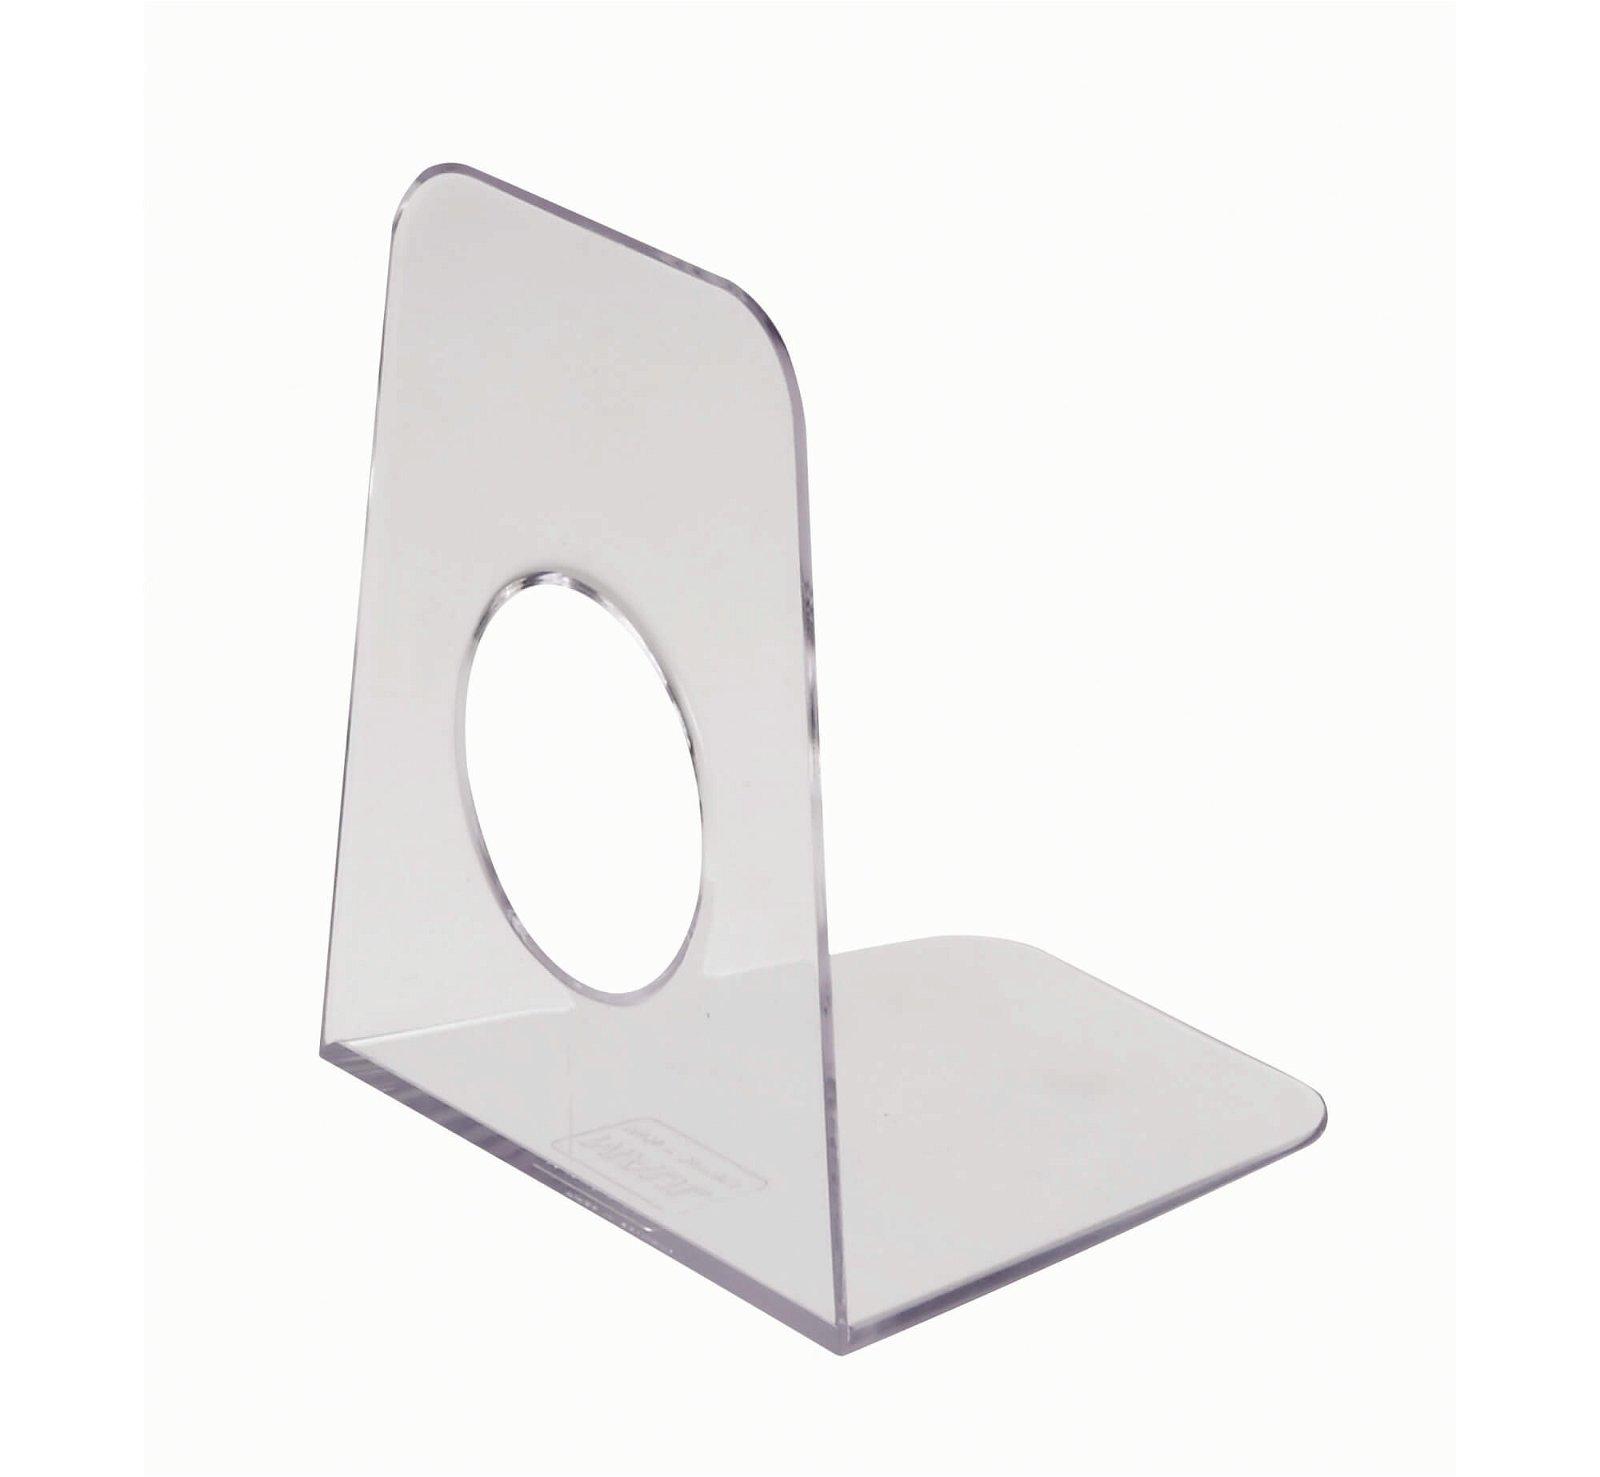 Buchstützen aus Kunststoff, 9 x 10,5 x 12 cm, glasklar